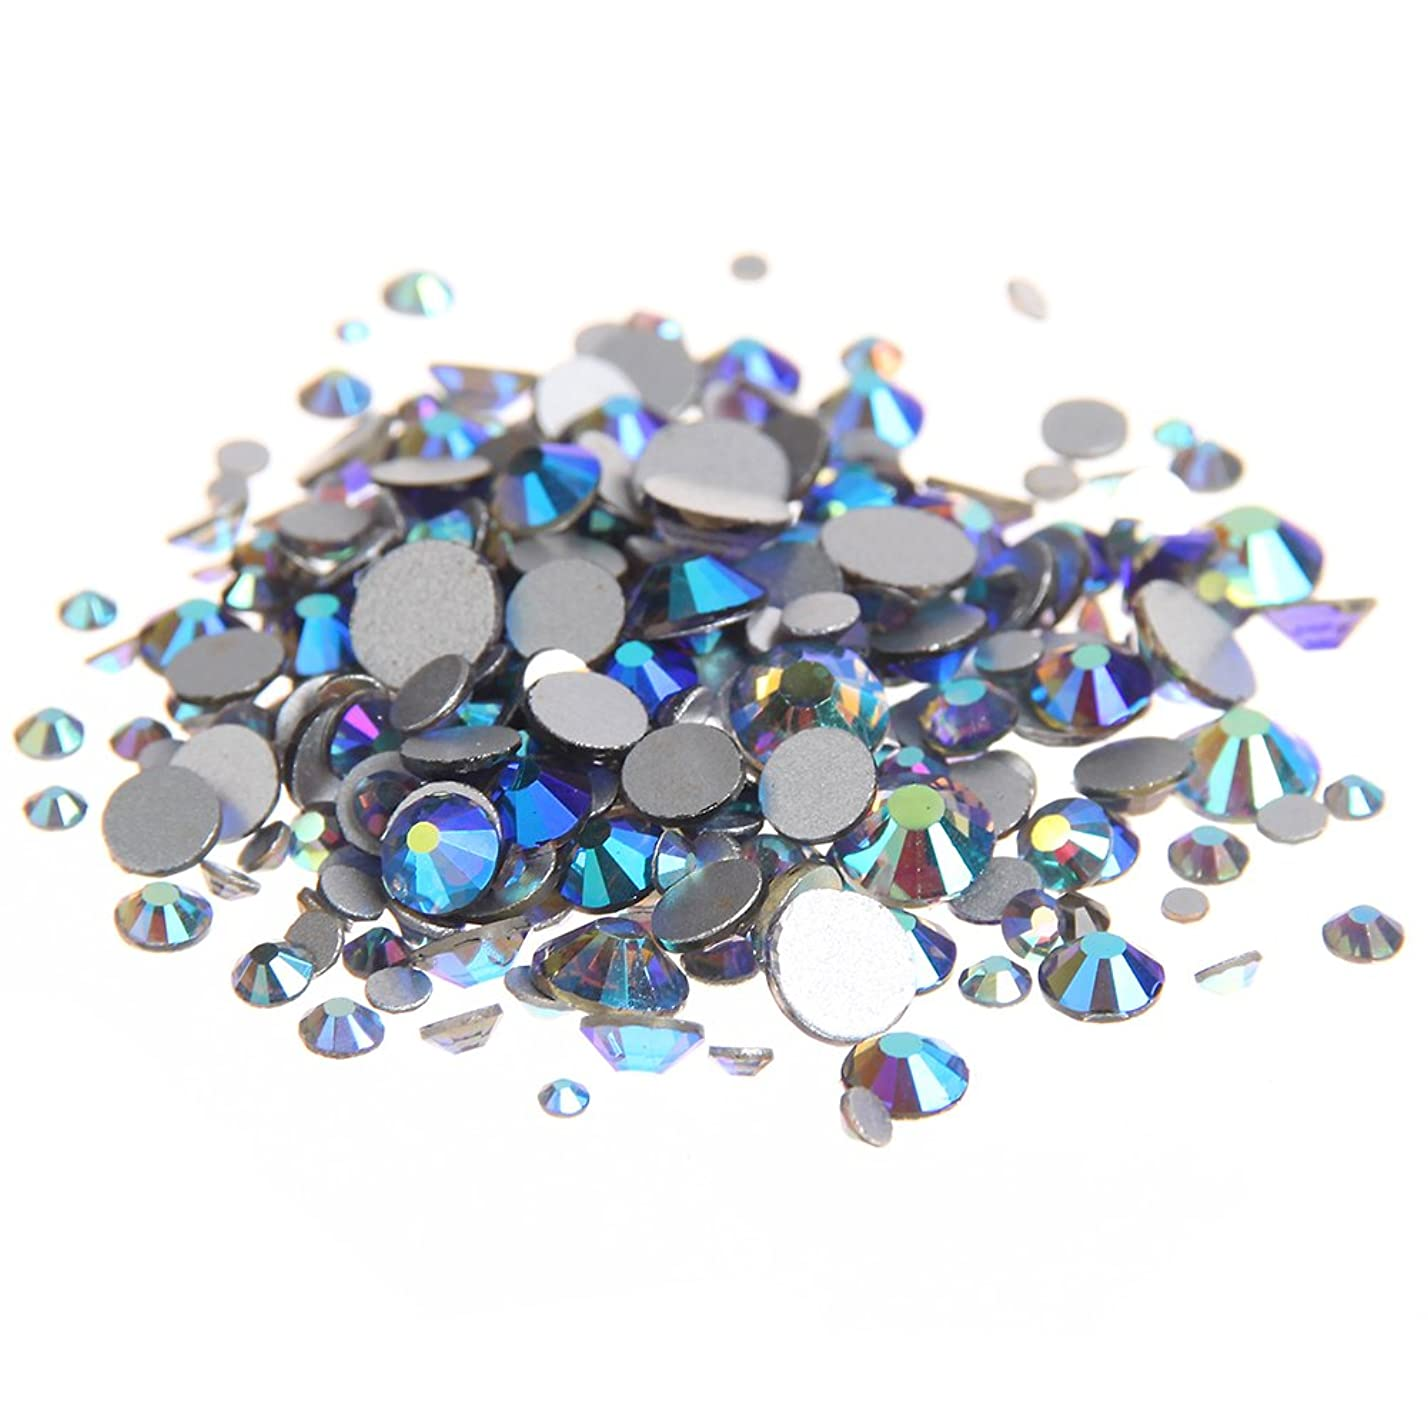 慈悲深い現れる混合したNizi ジュエリー ブランド ブラックダイヤモンドオーロラ ラインストーン は ガラスの材質 ネイル使用 型番ss3-ss30 (SS30 288pcs)